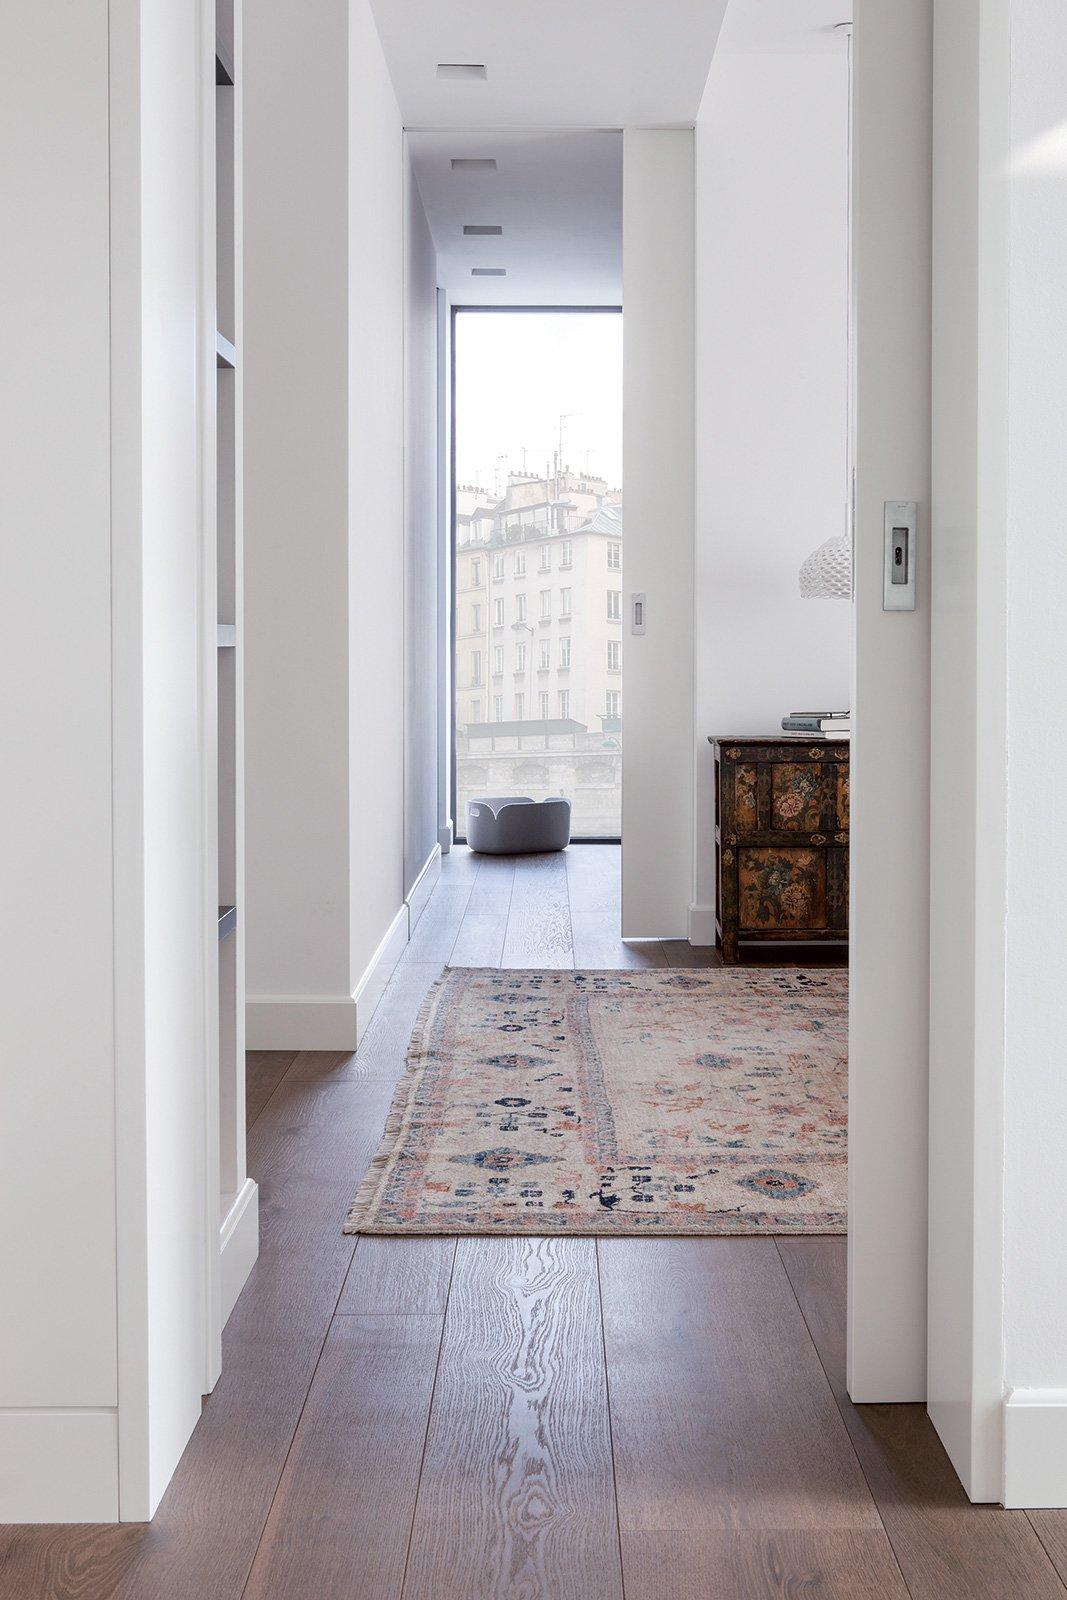 Porte scorrevoli a scomparsa per una casa senza barriere - Spazzole per porte scorrevoli ...